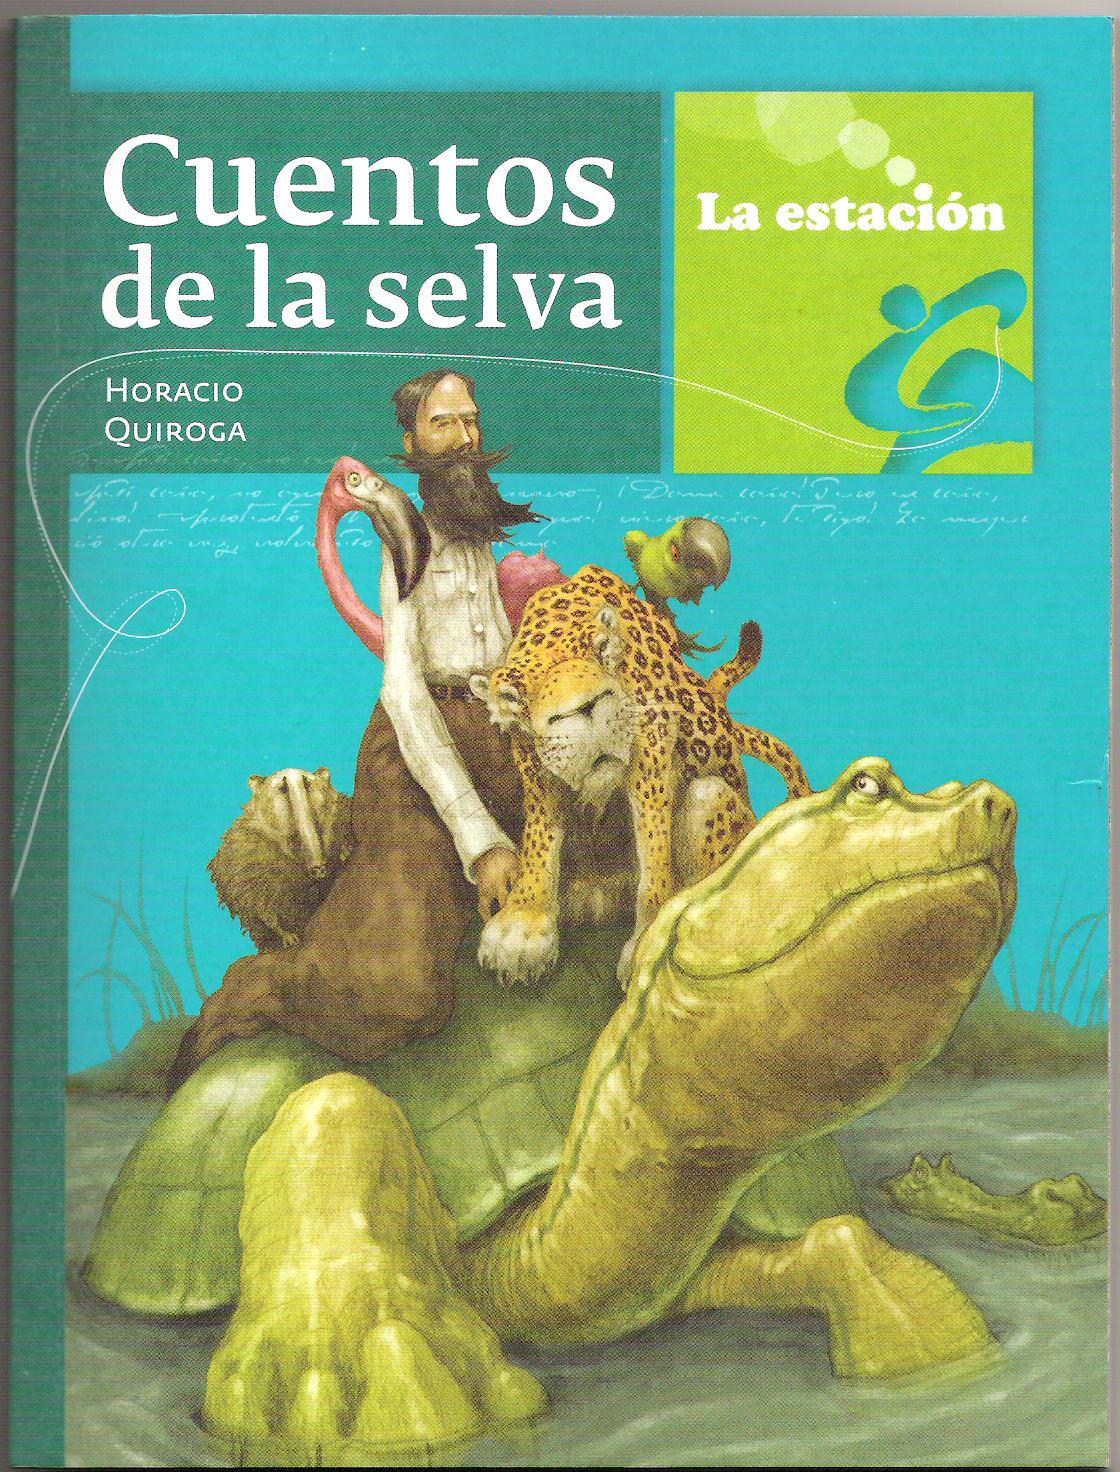 Horacio Quiroga, una vida de tragedias.